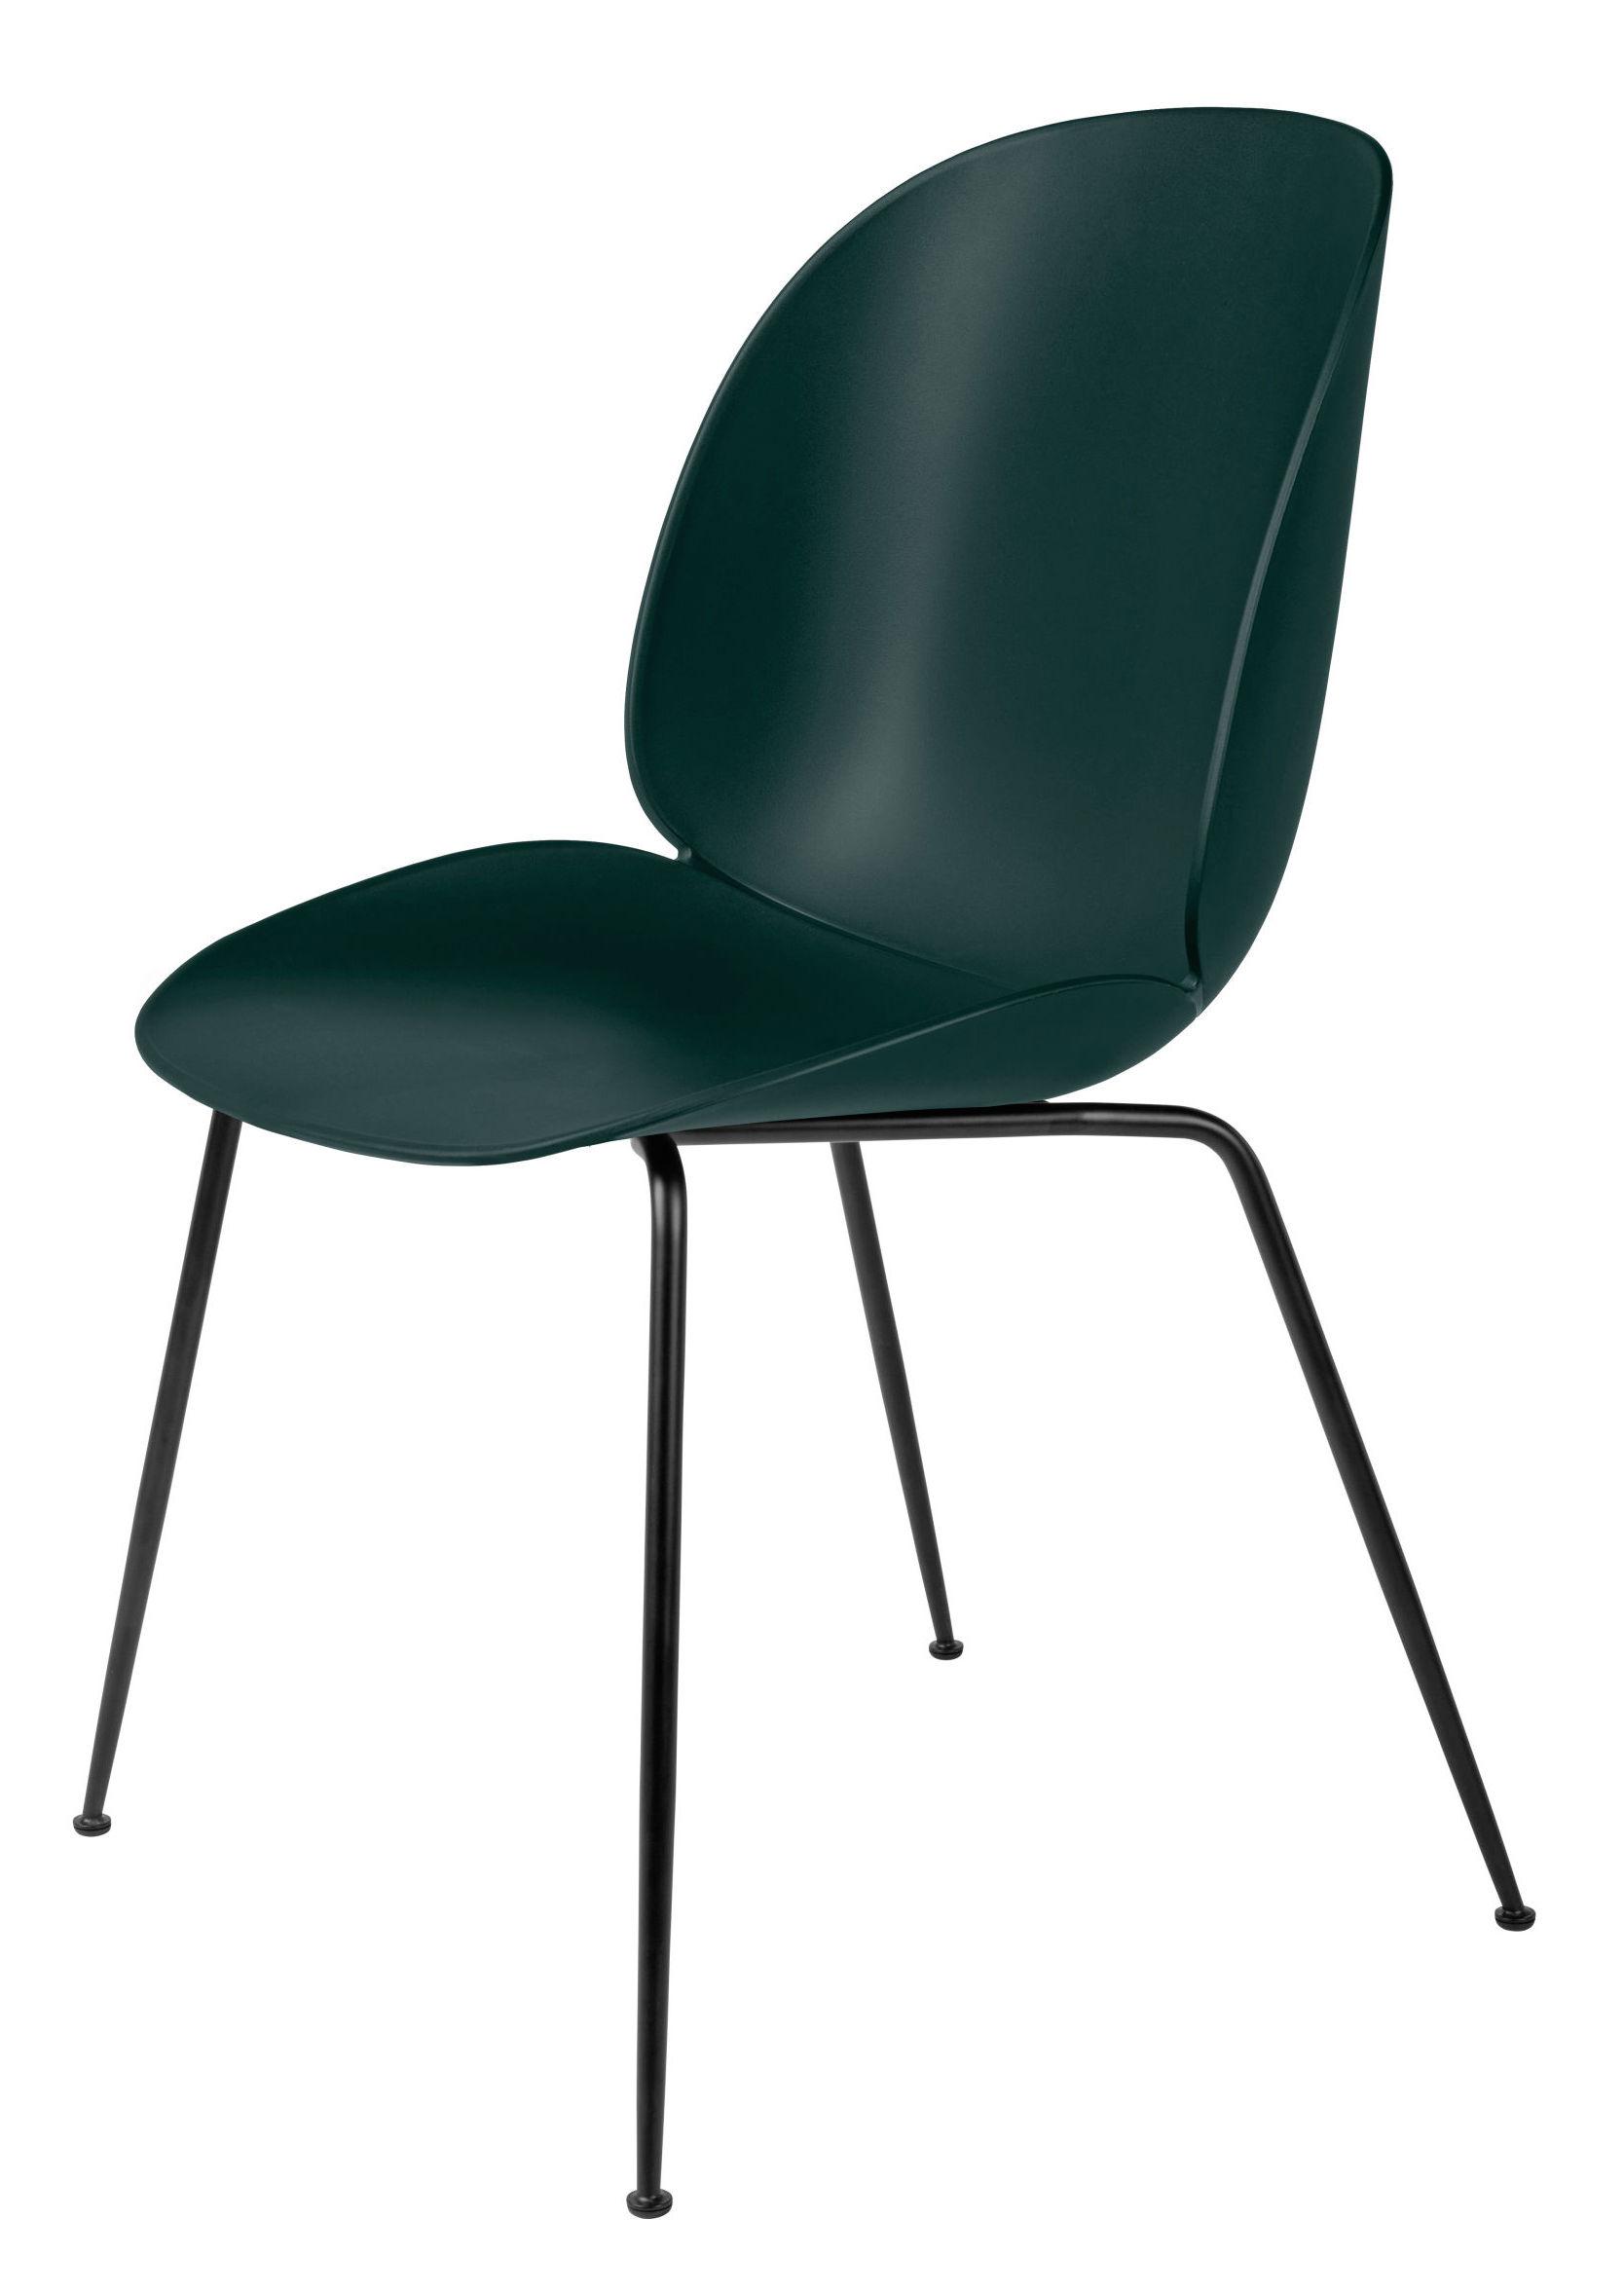 Gubi - beetle spisebordsstol - grøn/sort stål fra Gubi på unoliving.com